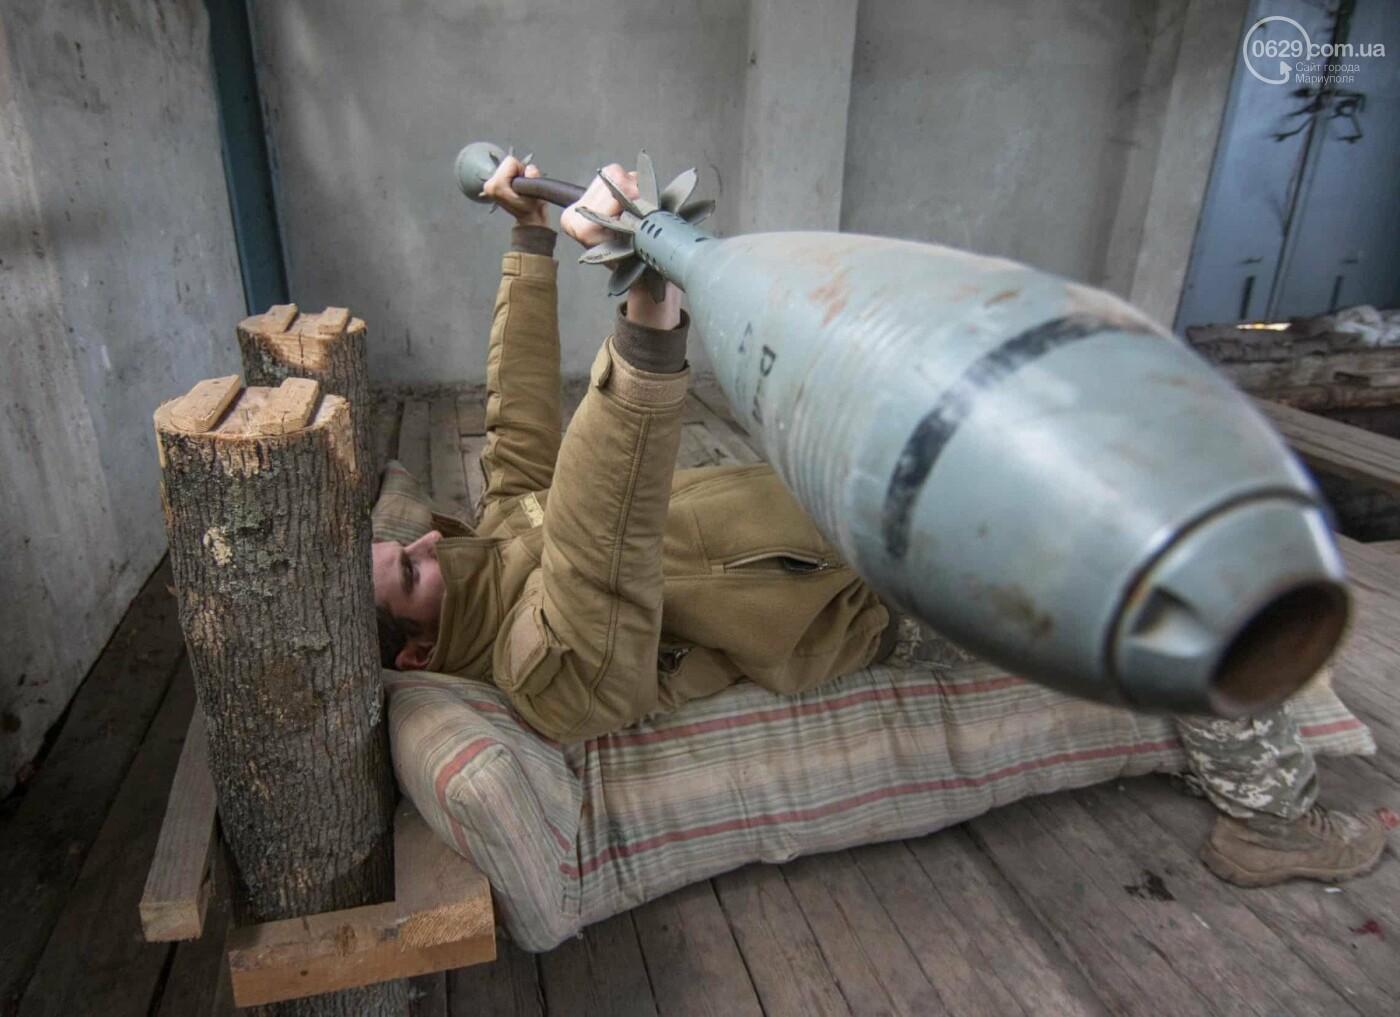 Донецкий Стивен Кинг в Мариуполе: Известному фотографу Сергею Ваганову – 60 лет (ФОТО), фото-2